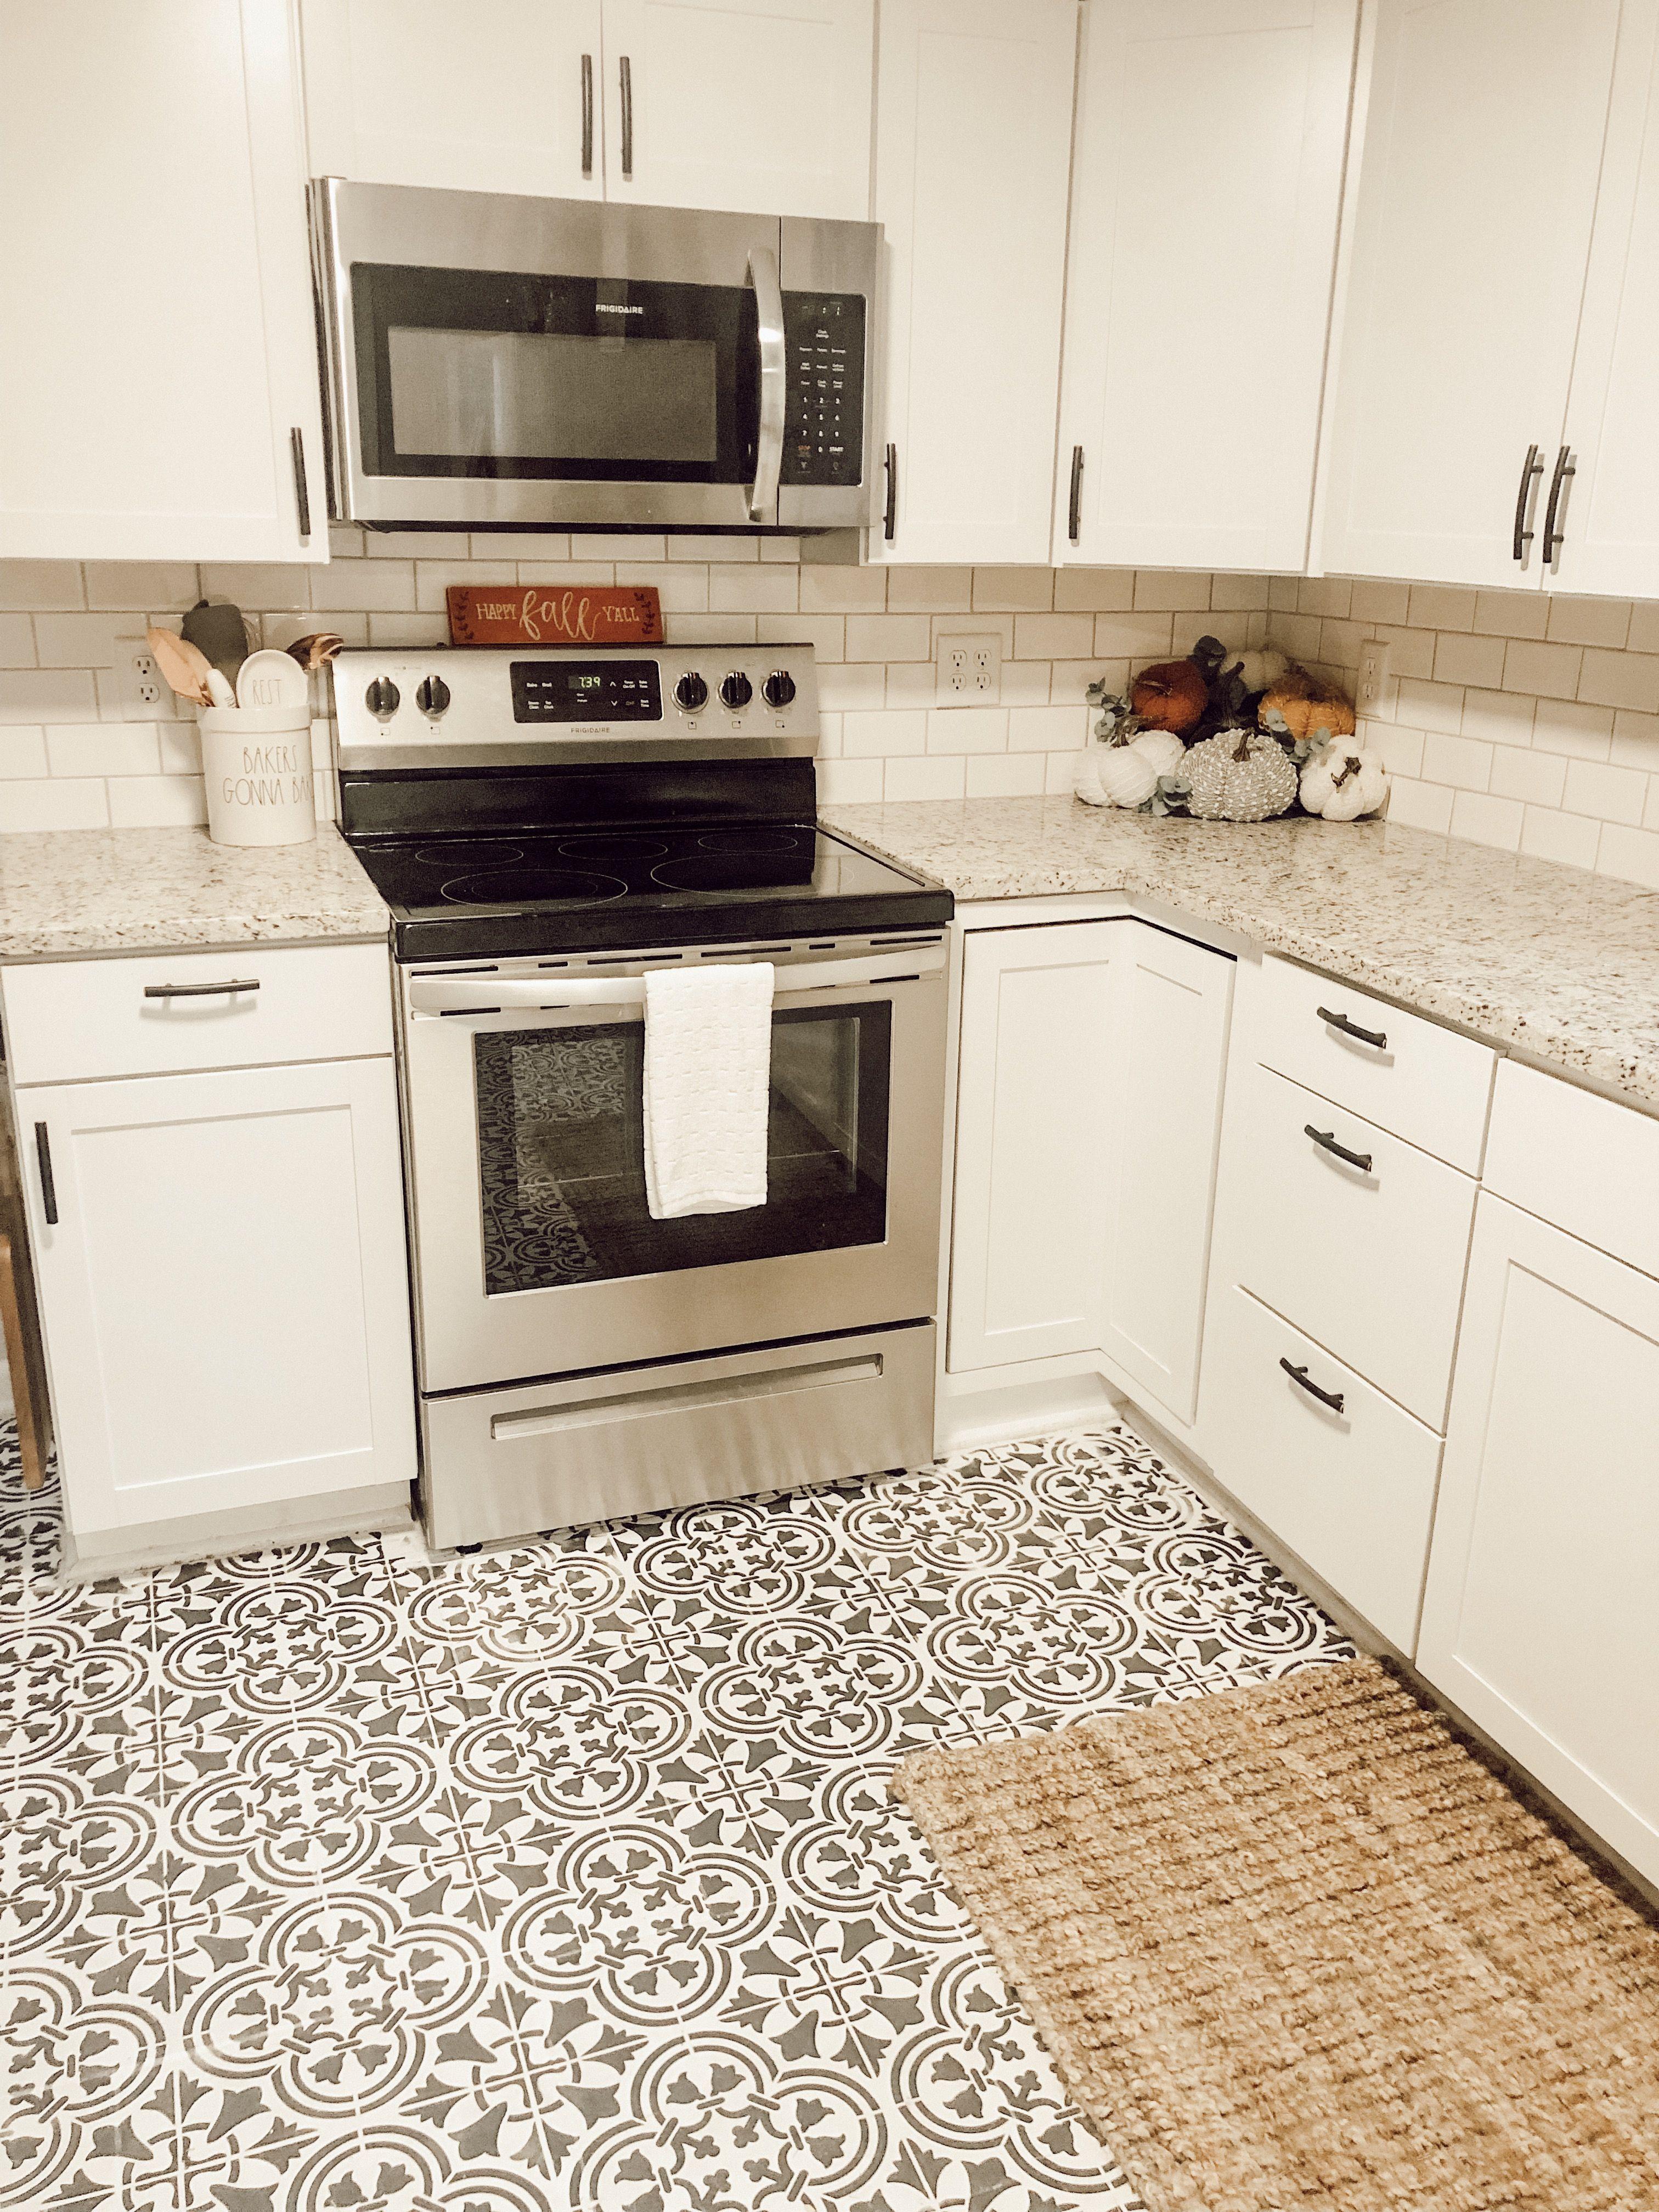 Fall Kitchen Kitchen Floor Tile Patterns Patterned Kitchen Tiles Kitchen Flooring